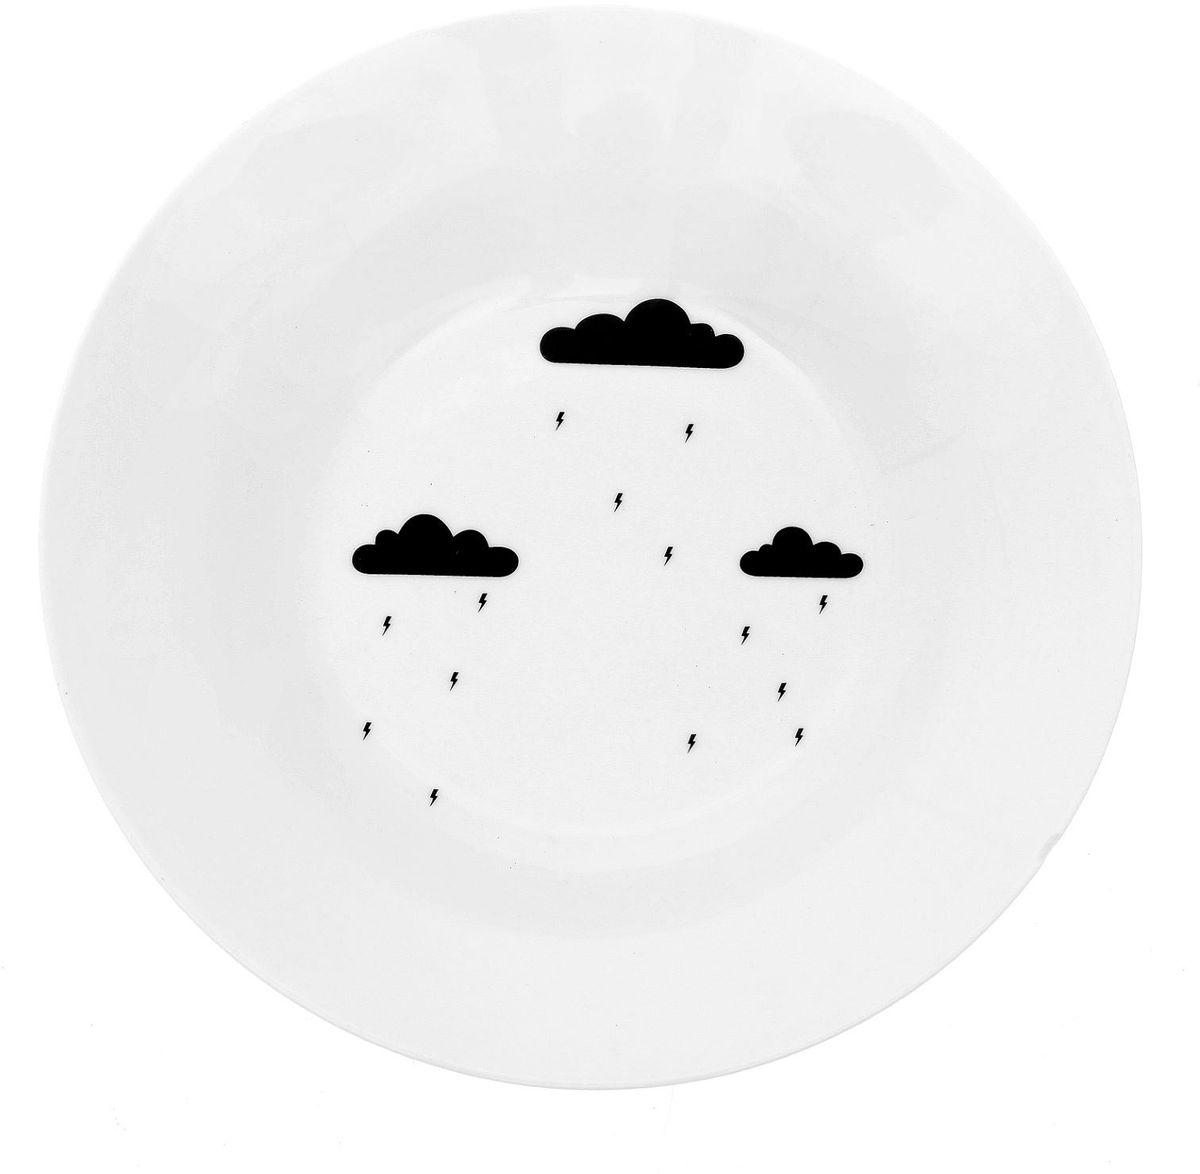 Тарелка глубокая Сотвори чудо Грозовая тучка, диаметр 20 см1661805Хотите обновить интерьер кухни или гостиной? Устраиваете необычную фотосессию или тематический праздник? А может, просто ищете подарок для близкого человека? Посуда Сотвори Чудо — правильный выбор в любой ситуации. Тарелка Сотвори Чудо, изготовленная из изящного фаянса нежного сливочного цвета, оформлена оригинальным рисунком со стойкой краской. Пригодна для посудомоечной машины.